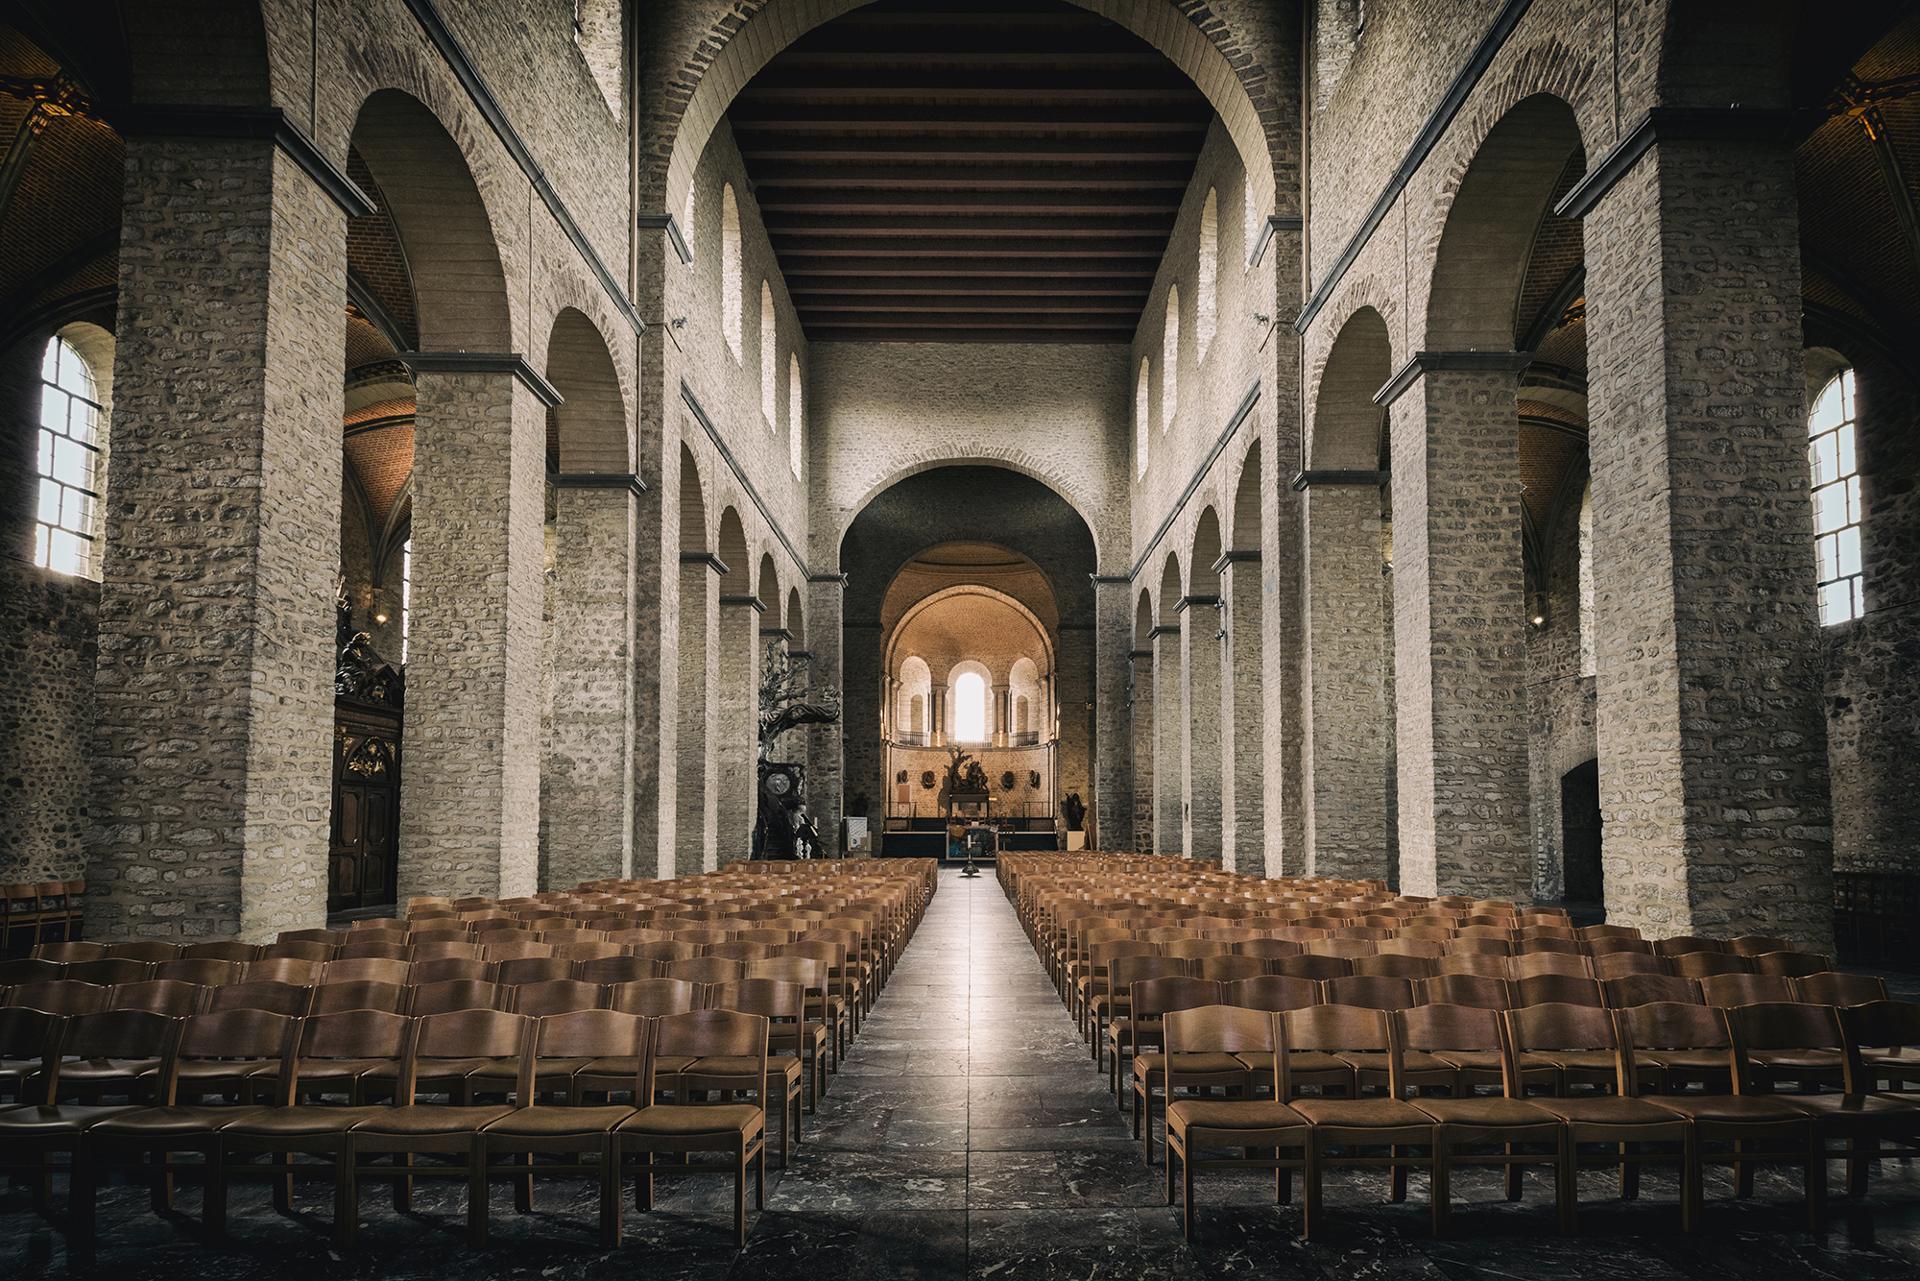 Eglises lieux de culte en perdition (3) copie.jpg